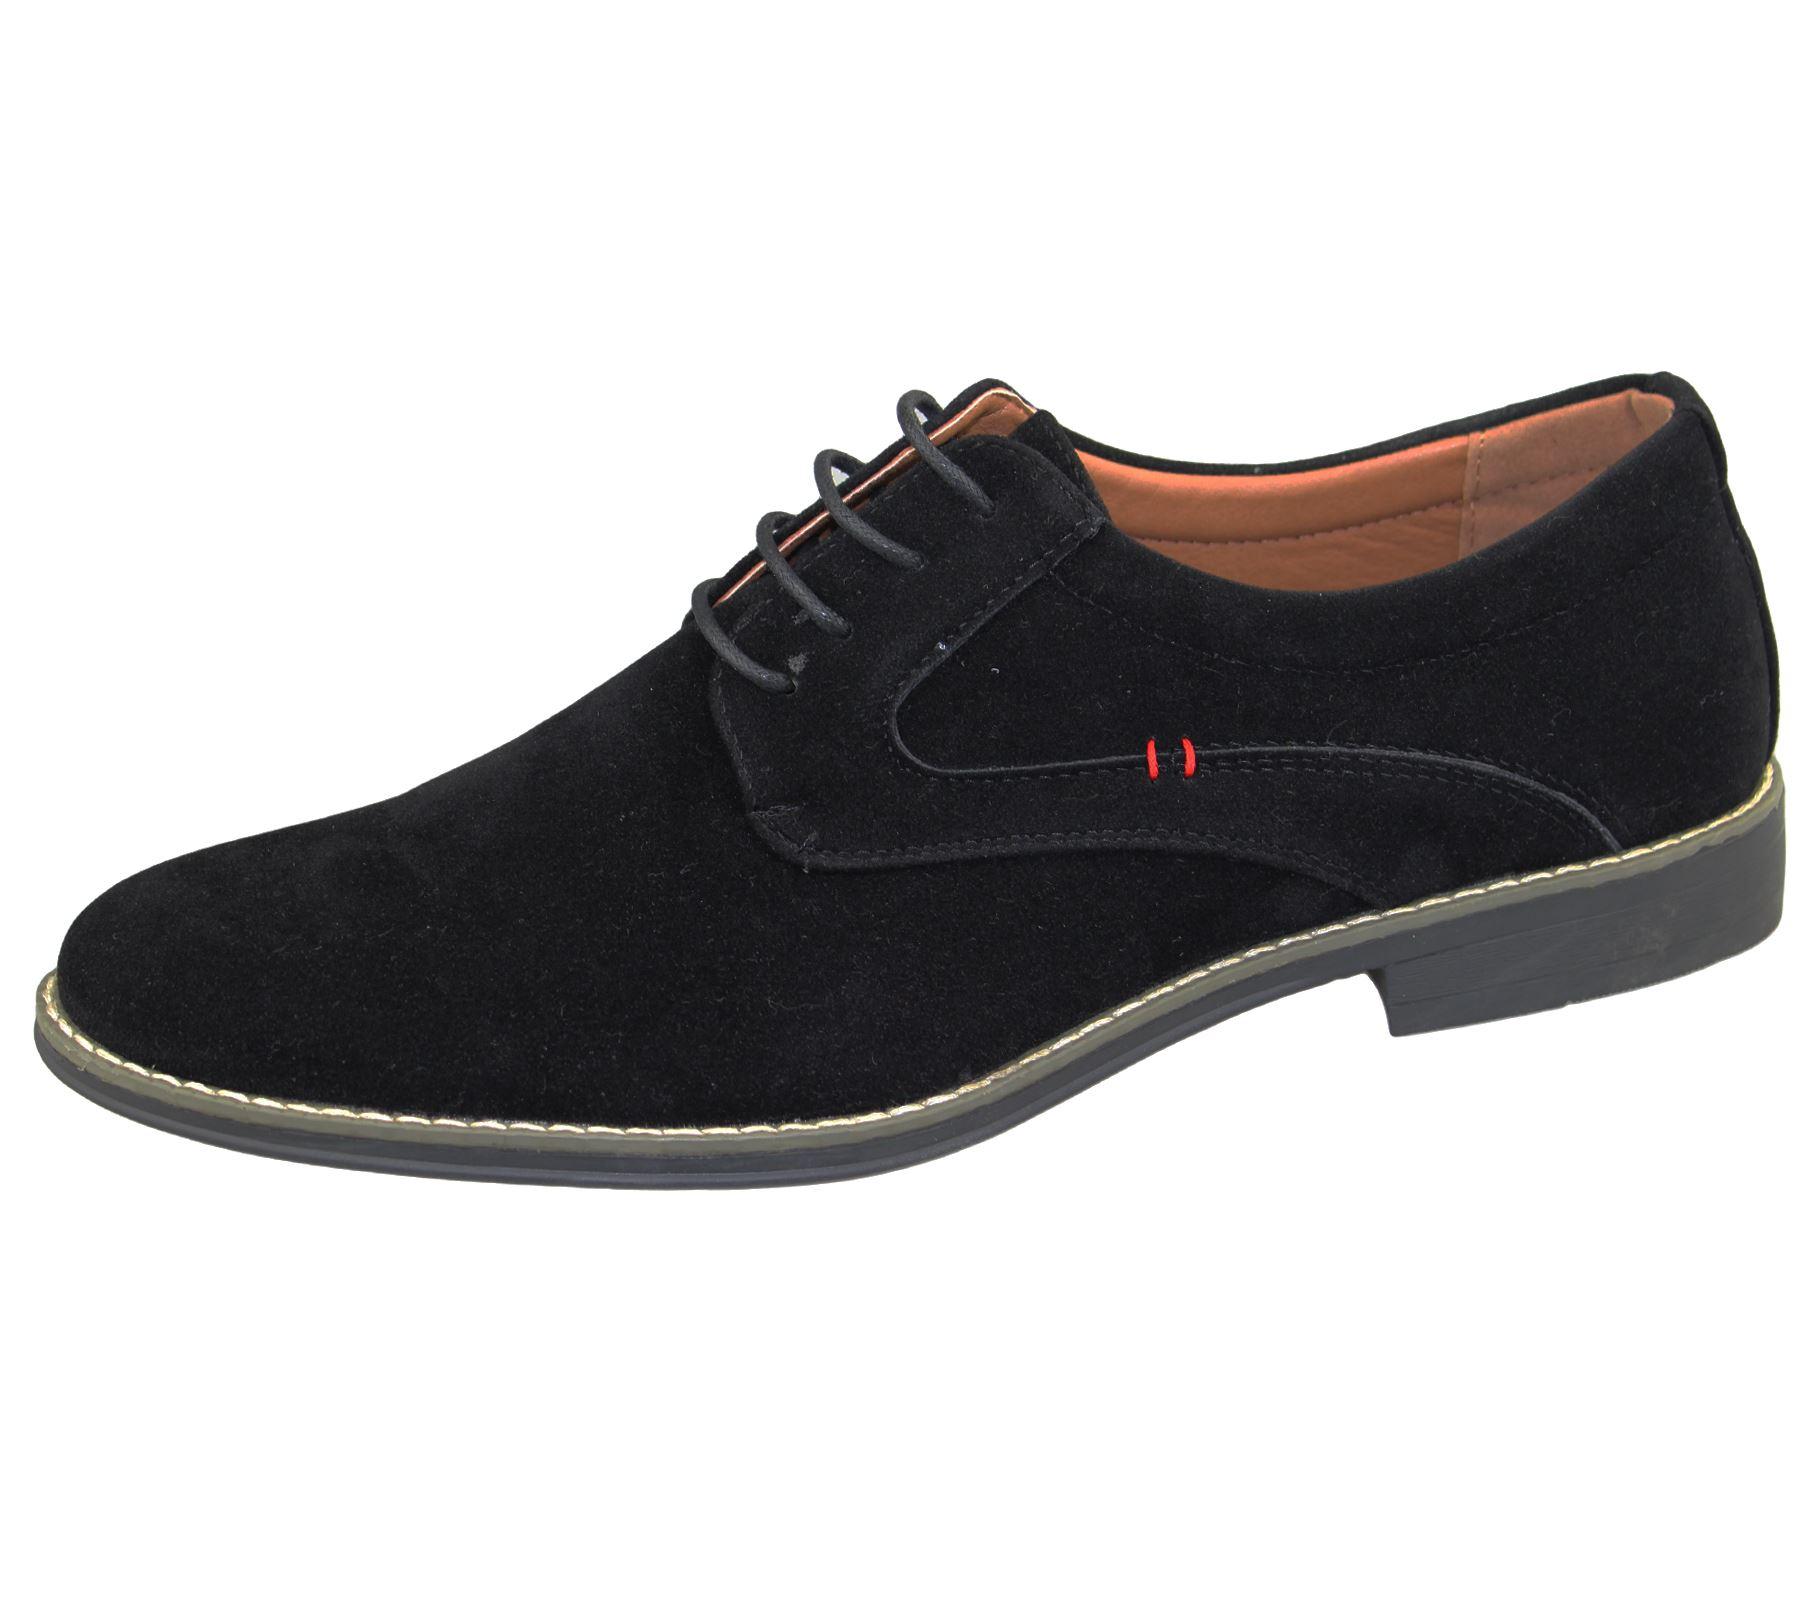 Zapatos De Vestir hombres Zapatos Con Cordones Oficina Formal Boda Casual De Gamuza Inteligente plana